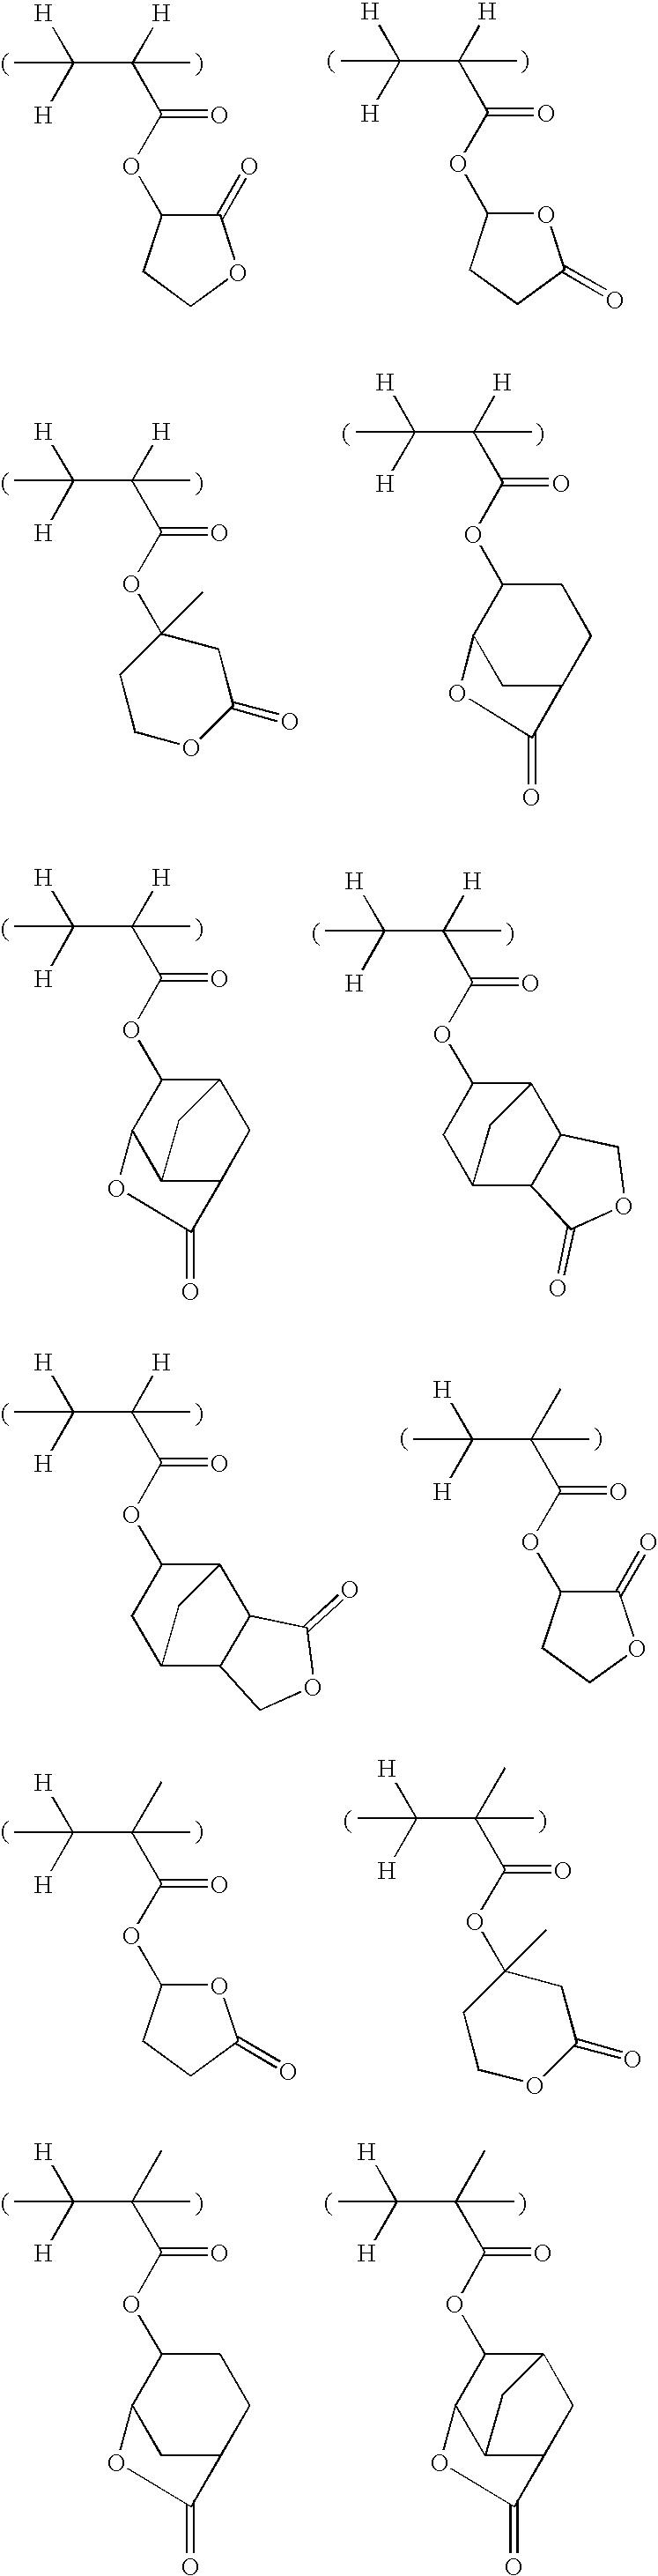 Figure US07537880-20090526-C00036